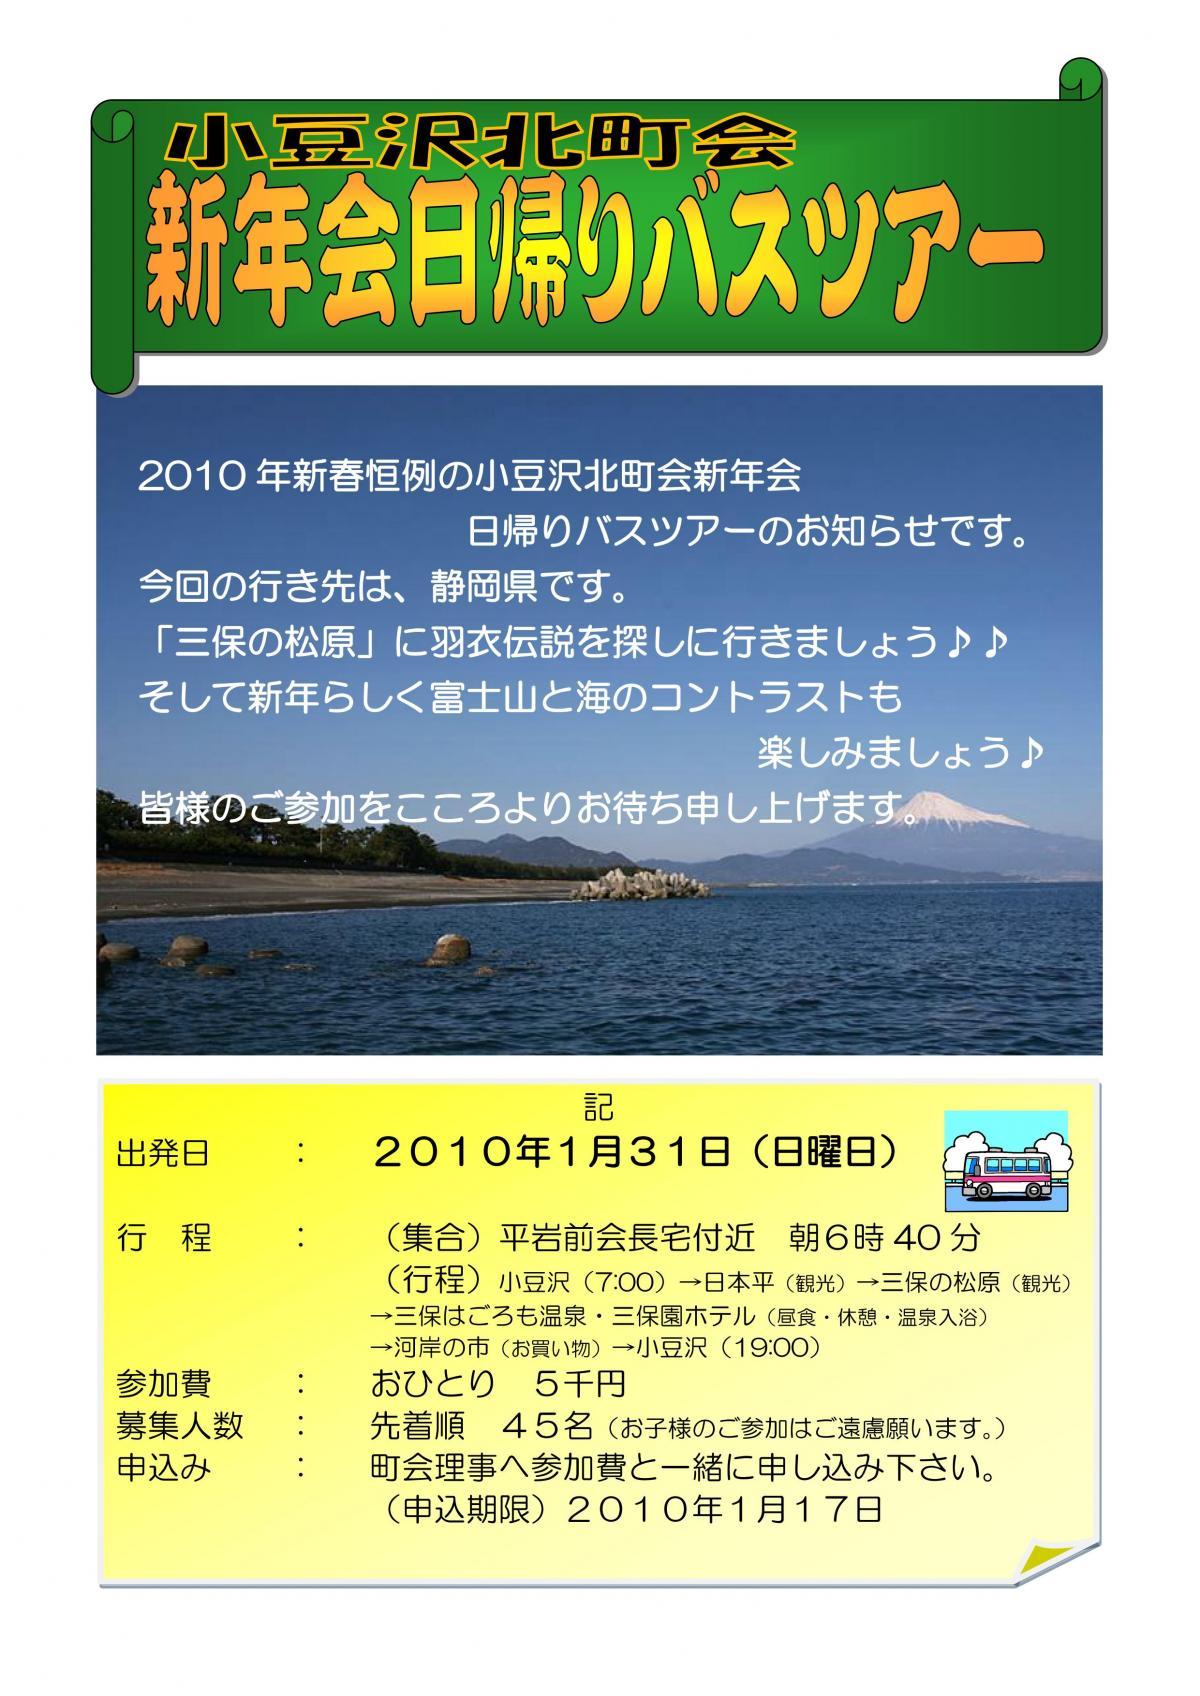 20100131新年会